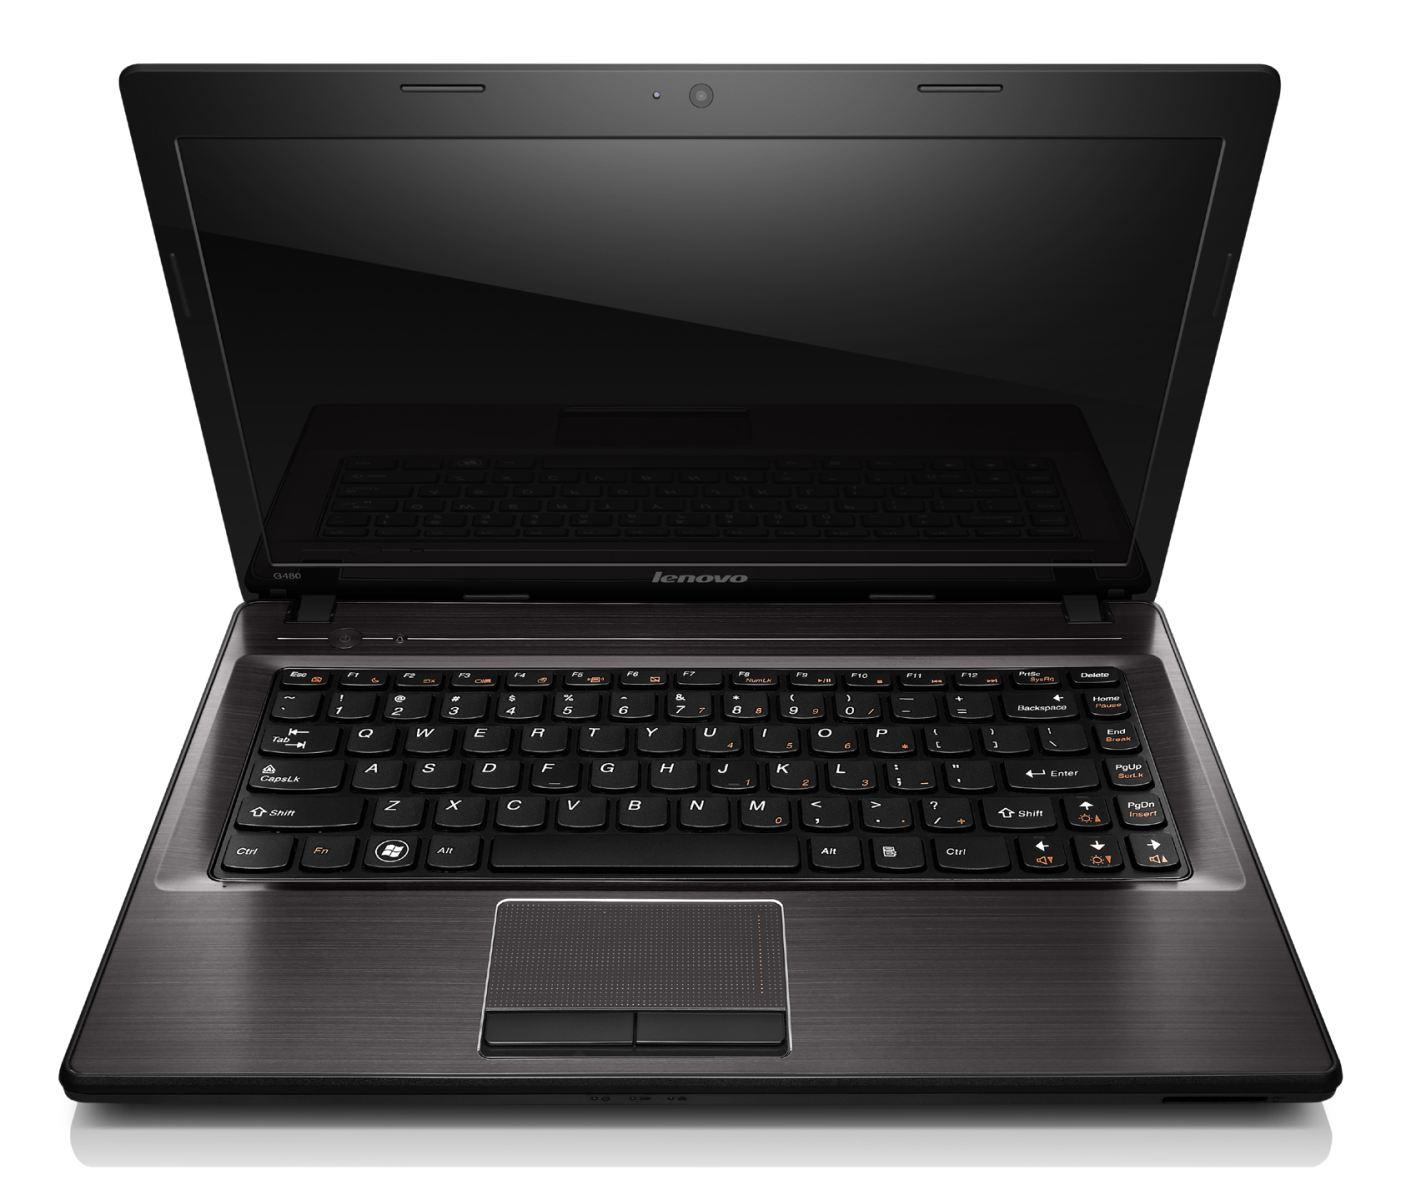 DELL Core 2 duo giá 2.2 triệu, Và nhiều laptop giá siêu rẻ khác